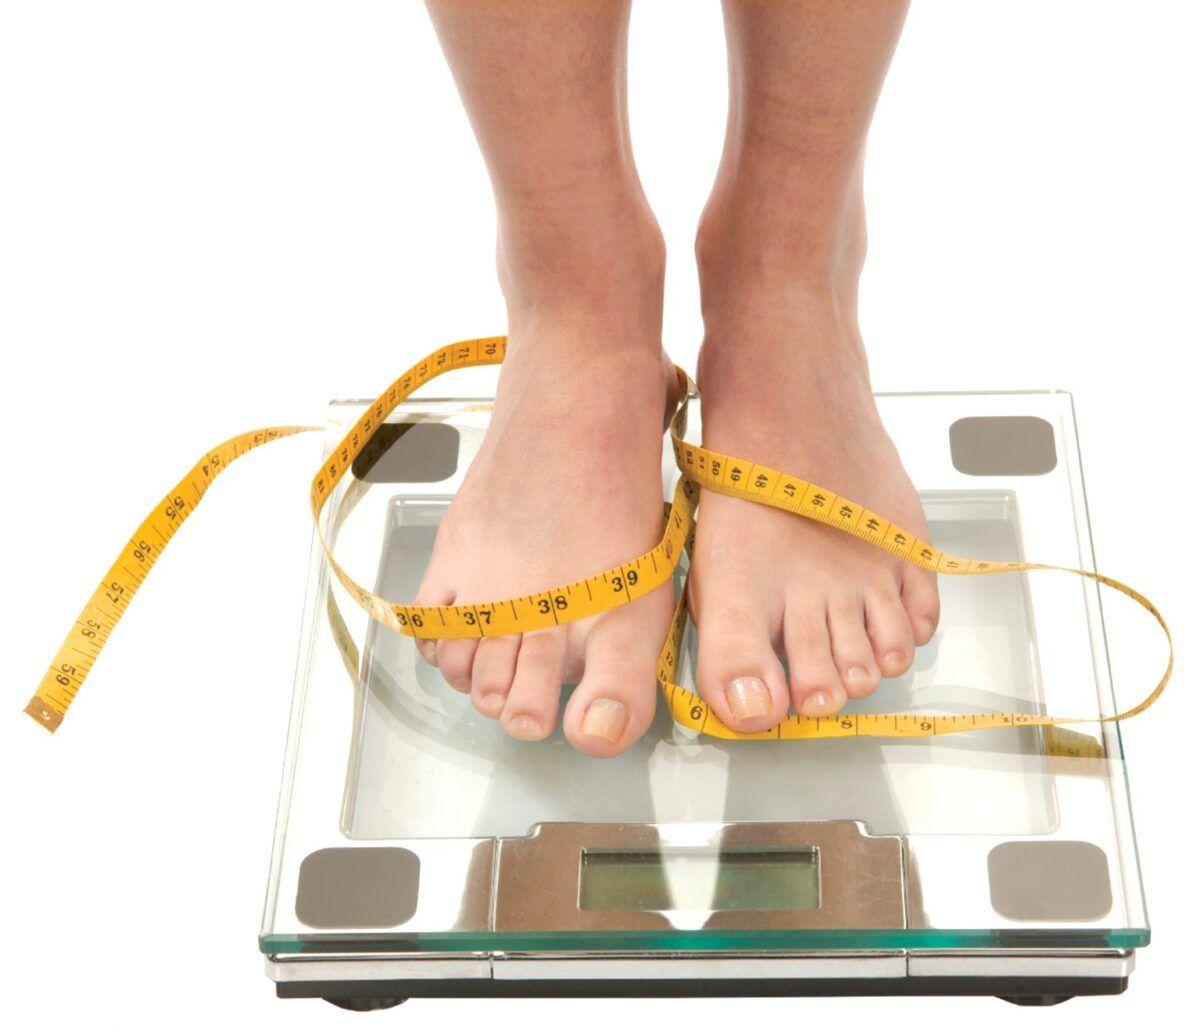 Việc duy trì cân nặng hợp lý cũng đóng vai trò quan trọng trong việc phòng ngừa ung thư tuyến giáp